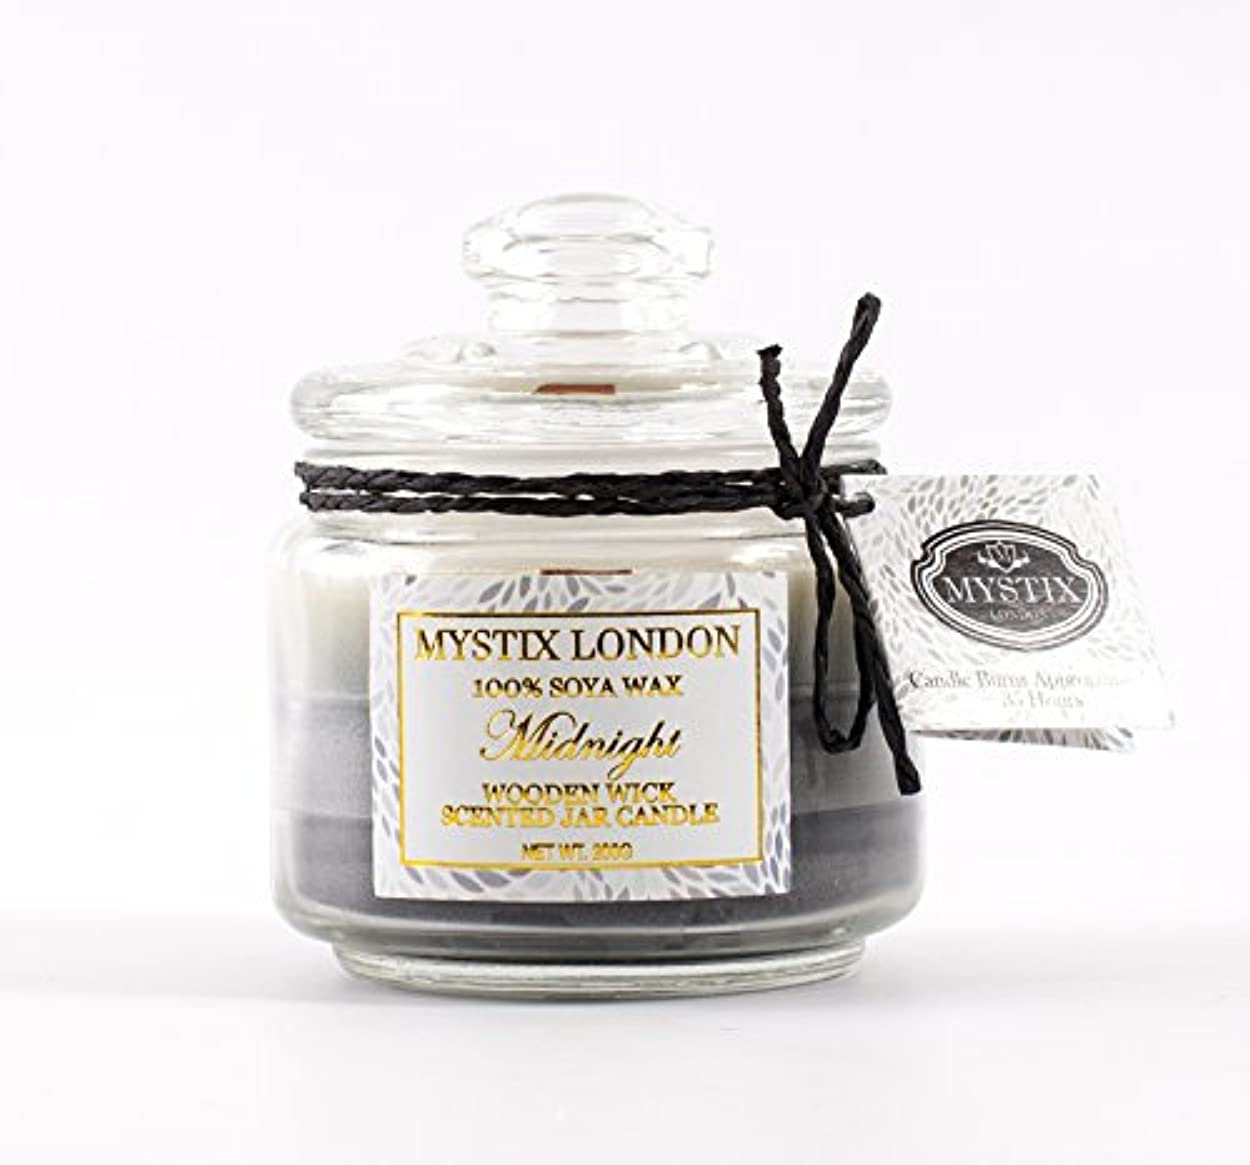 復活する無特派員Mystix London   Midnight Wooden Wick Scented Jar Candle 200g